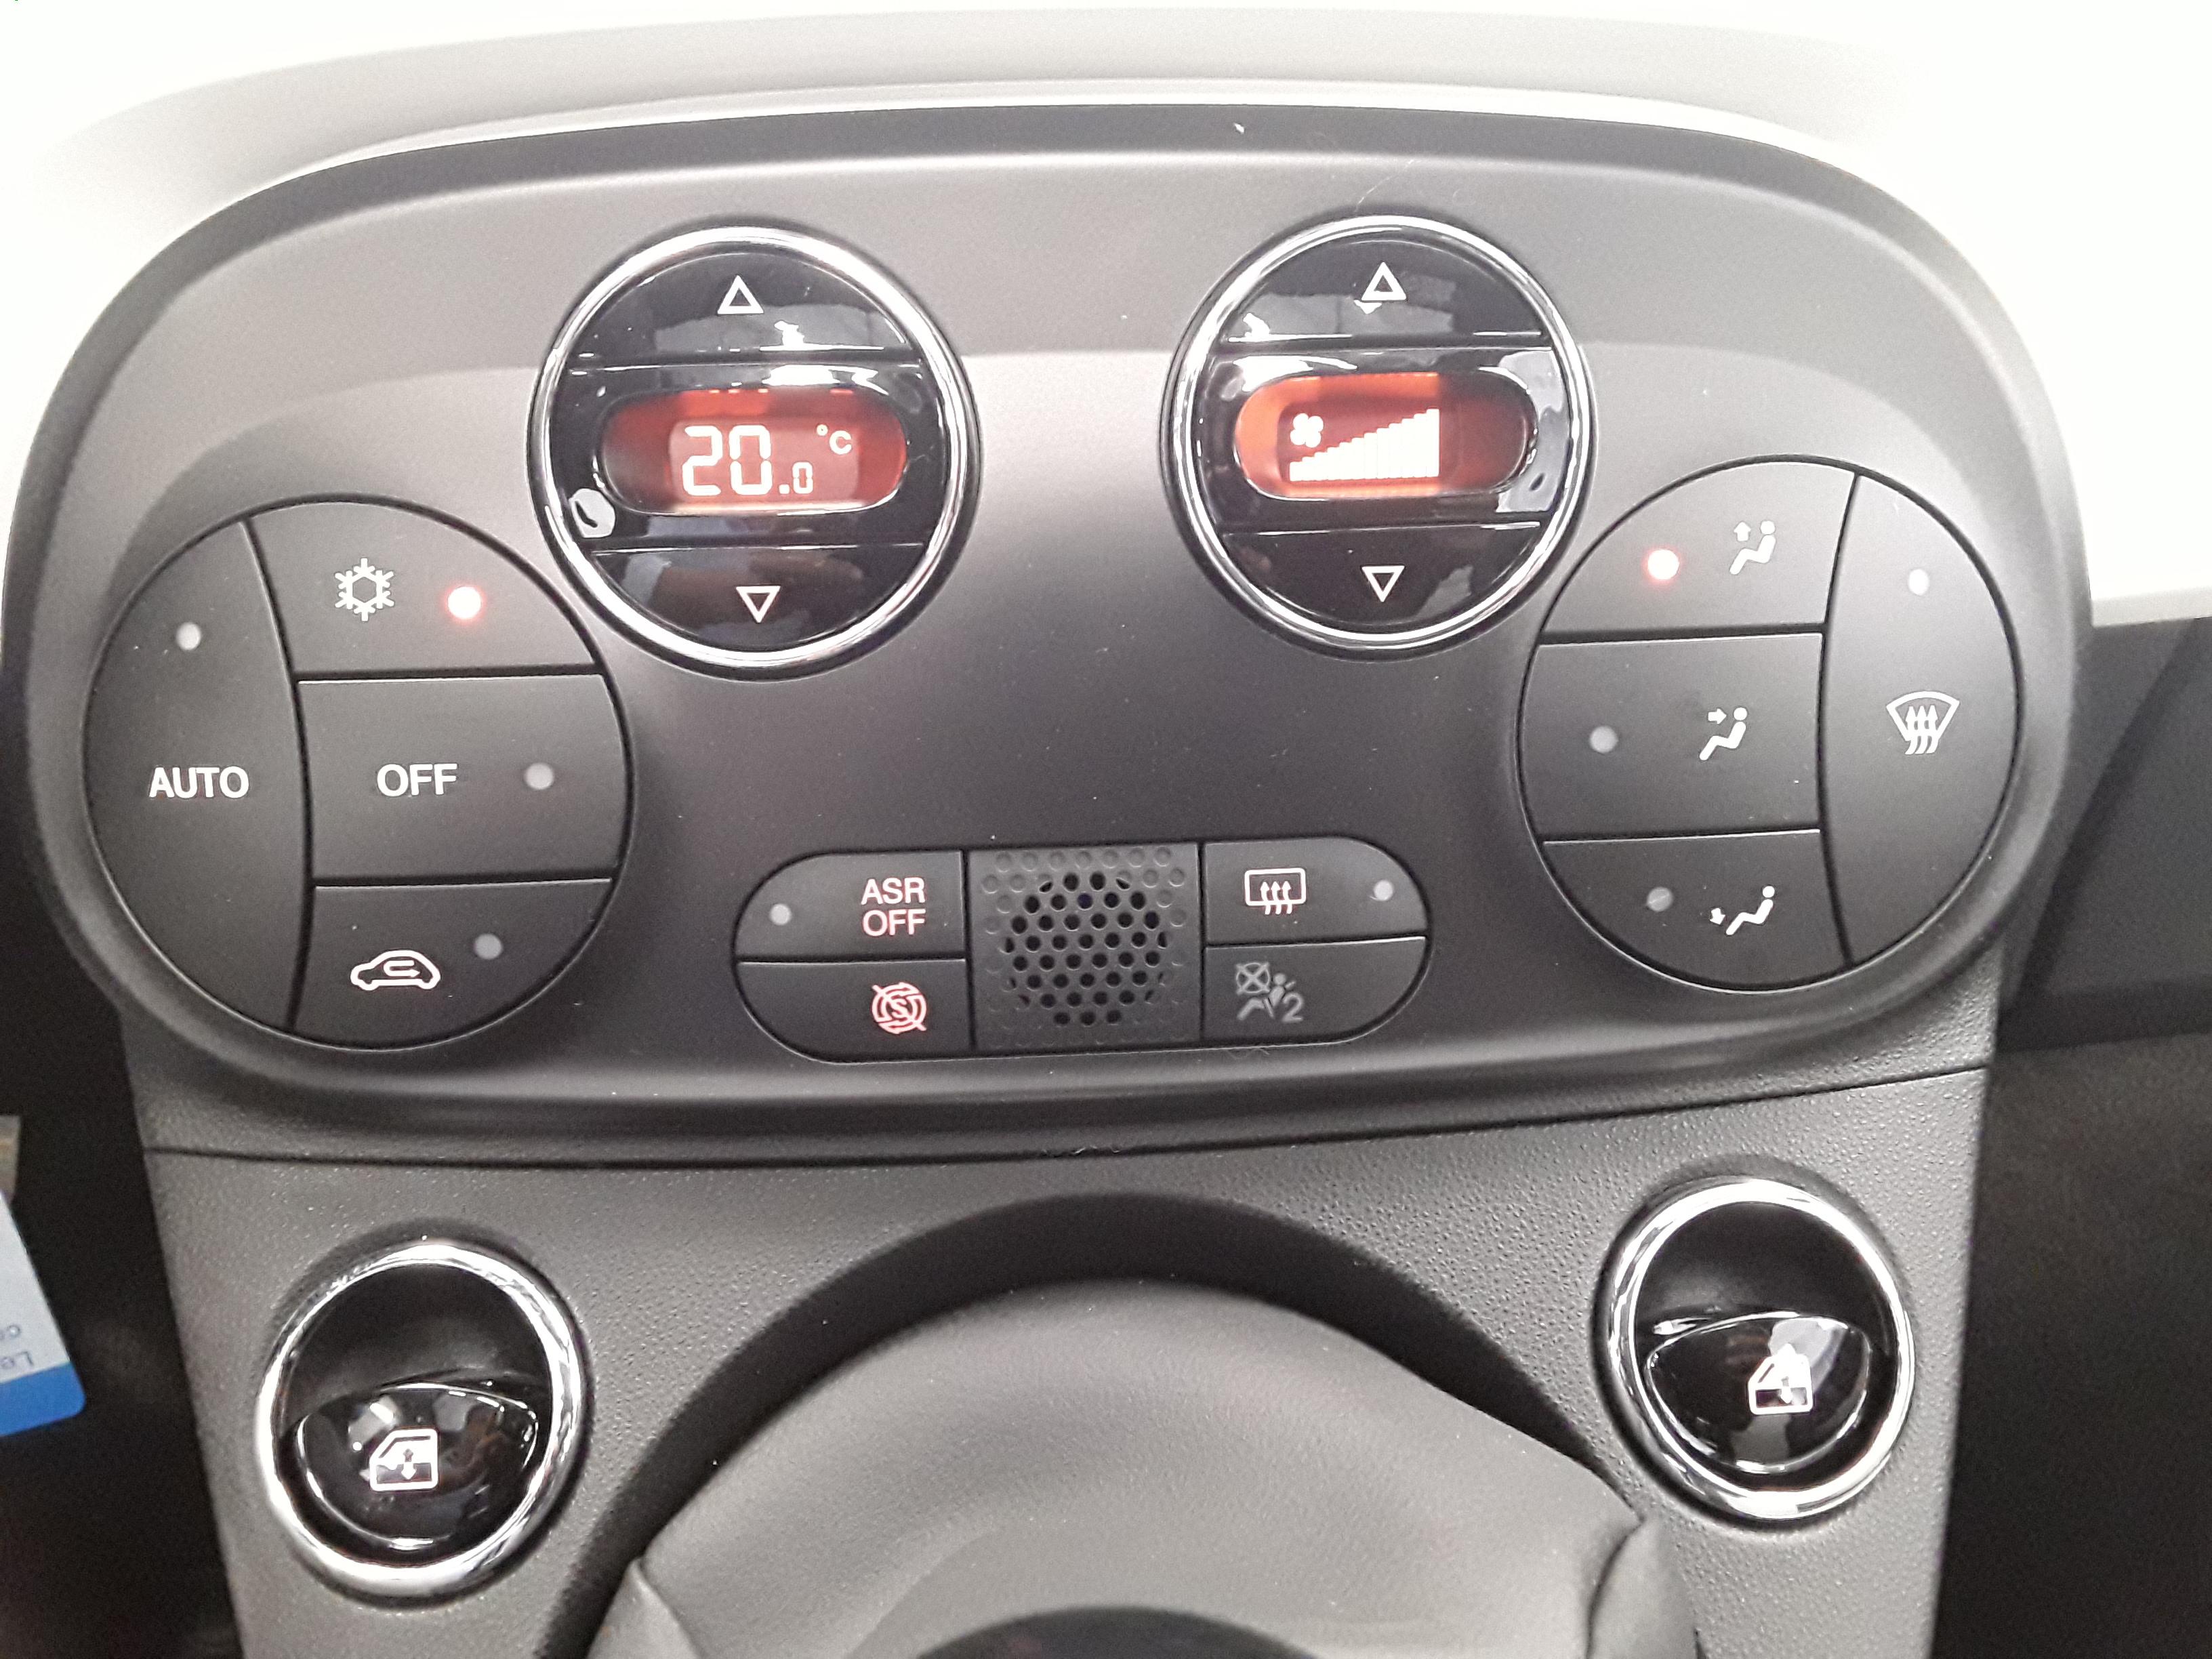 FIAT 500 SERIE 9 EURO 6D FULL 2021 - Photo n°24